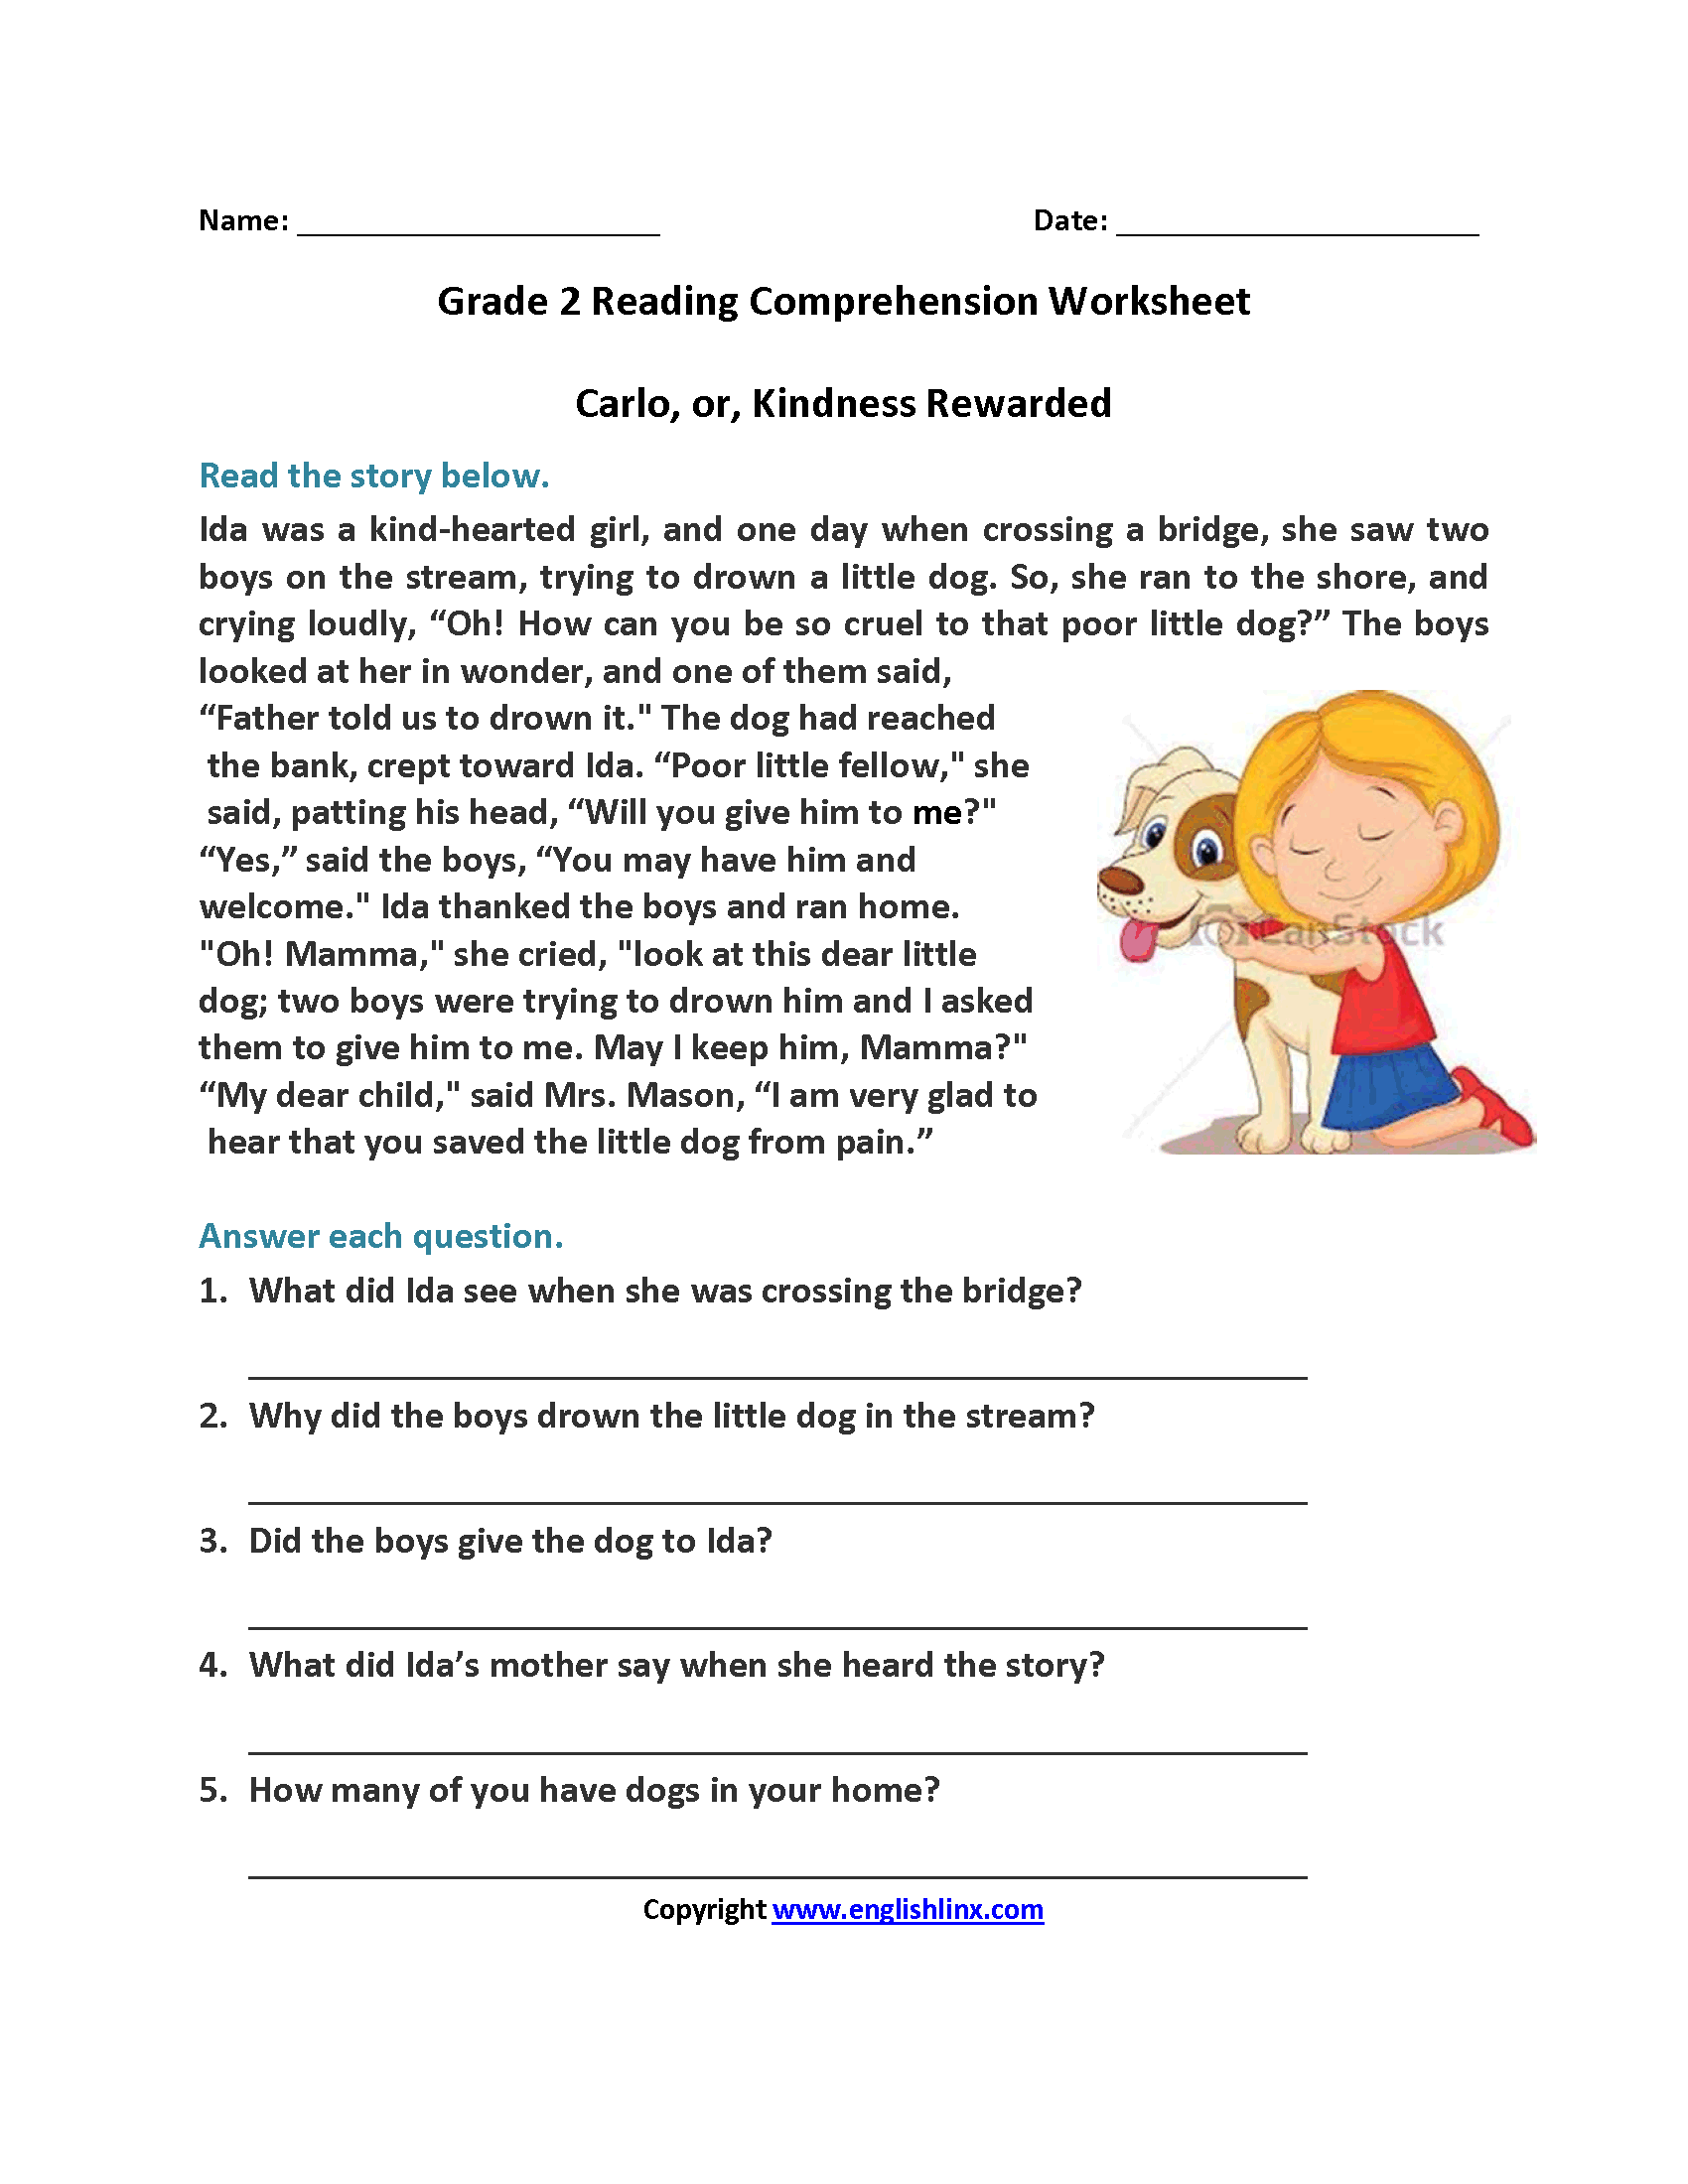 Second Grade Reading Worksheet The Best Worksheets Image